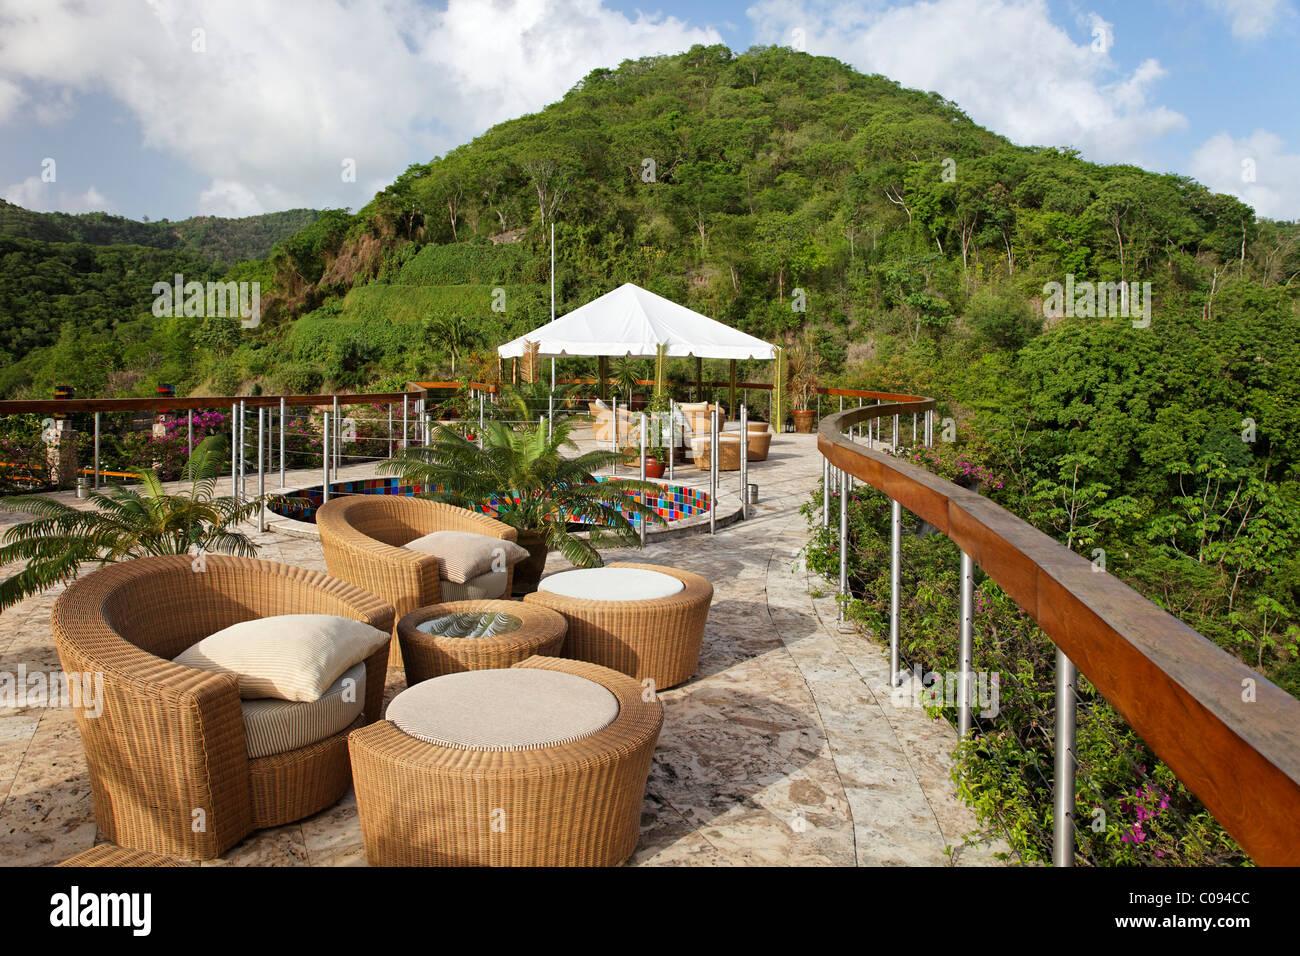 La terrazza sul tetto, Dedon, mobili, pietra naturale pavimento, emisfero, pioggia forrest, unica, Jade Mountain Immagini Stock